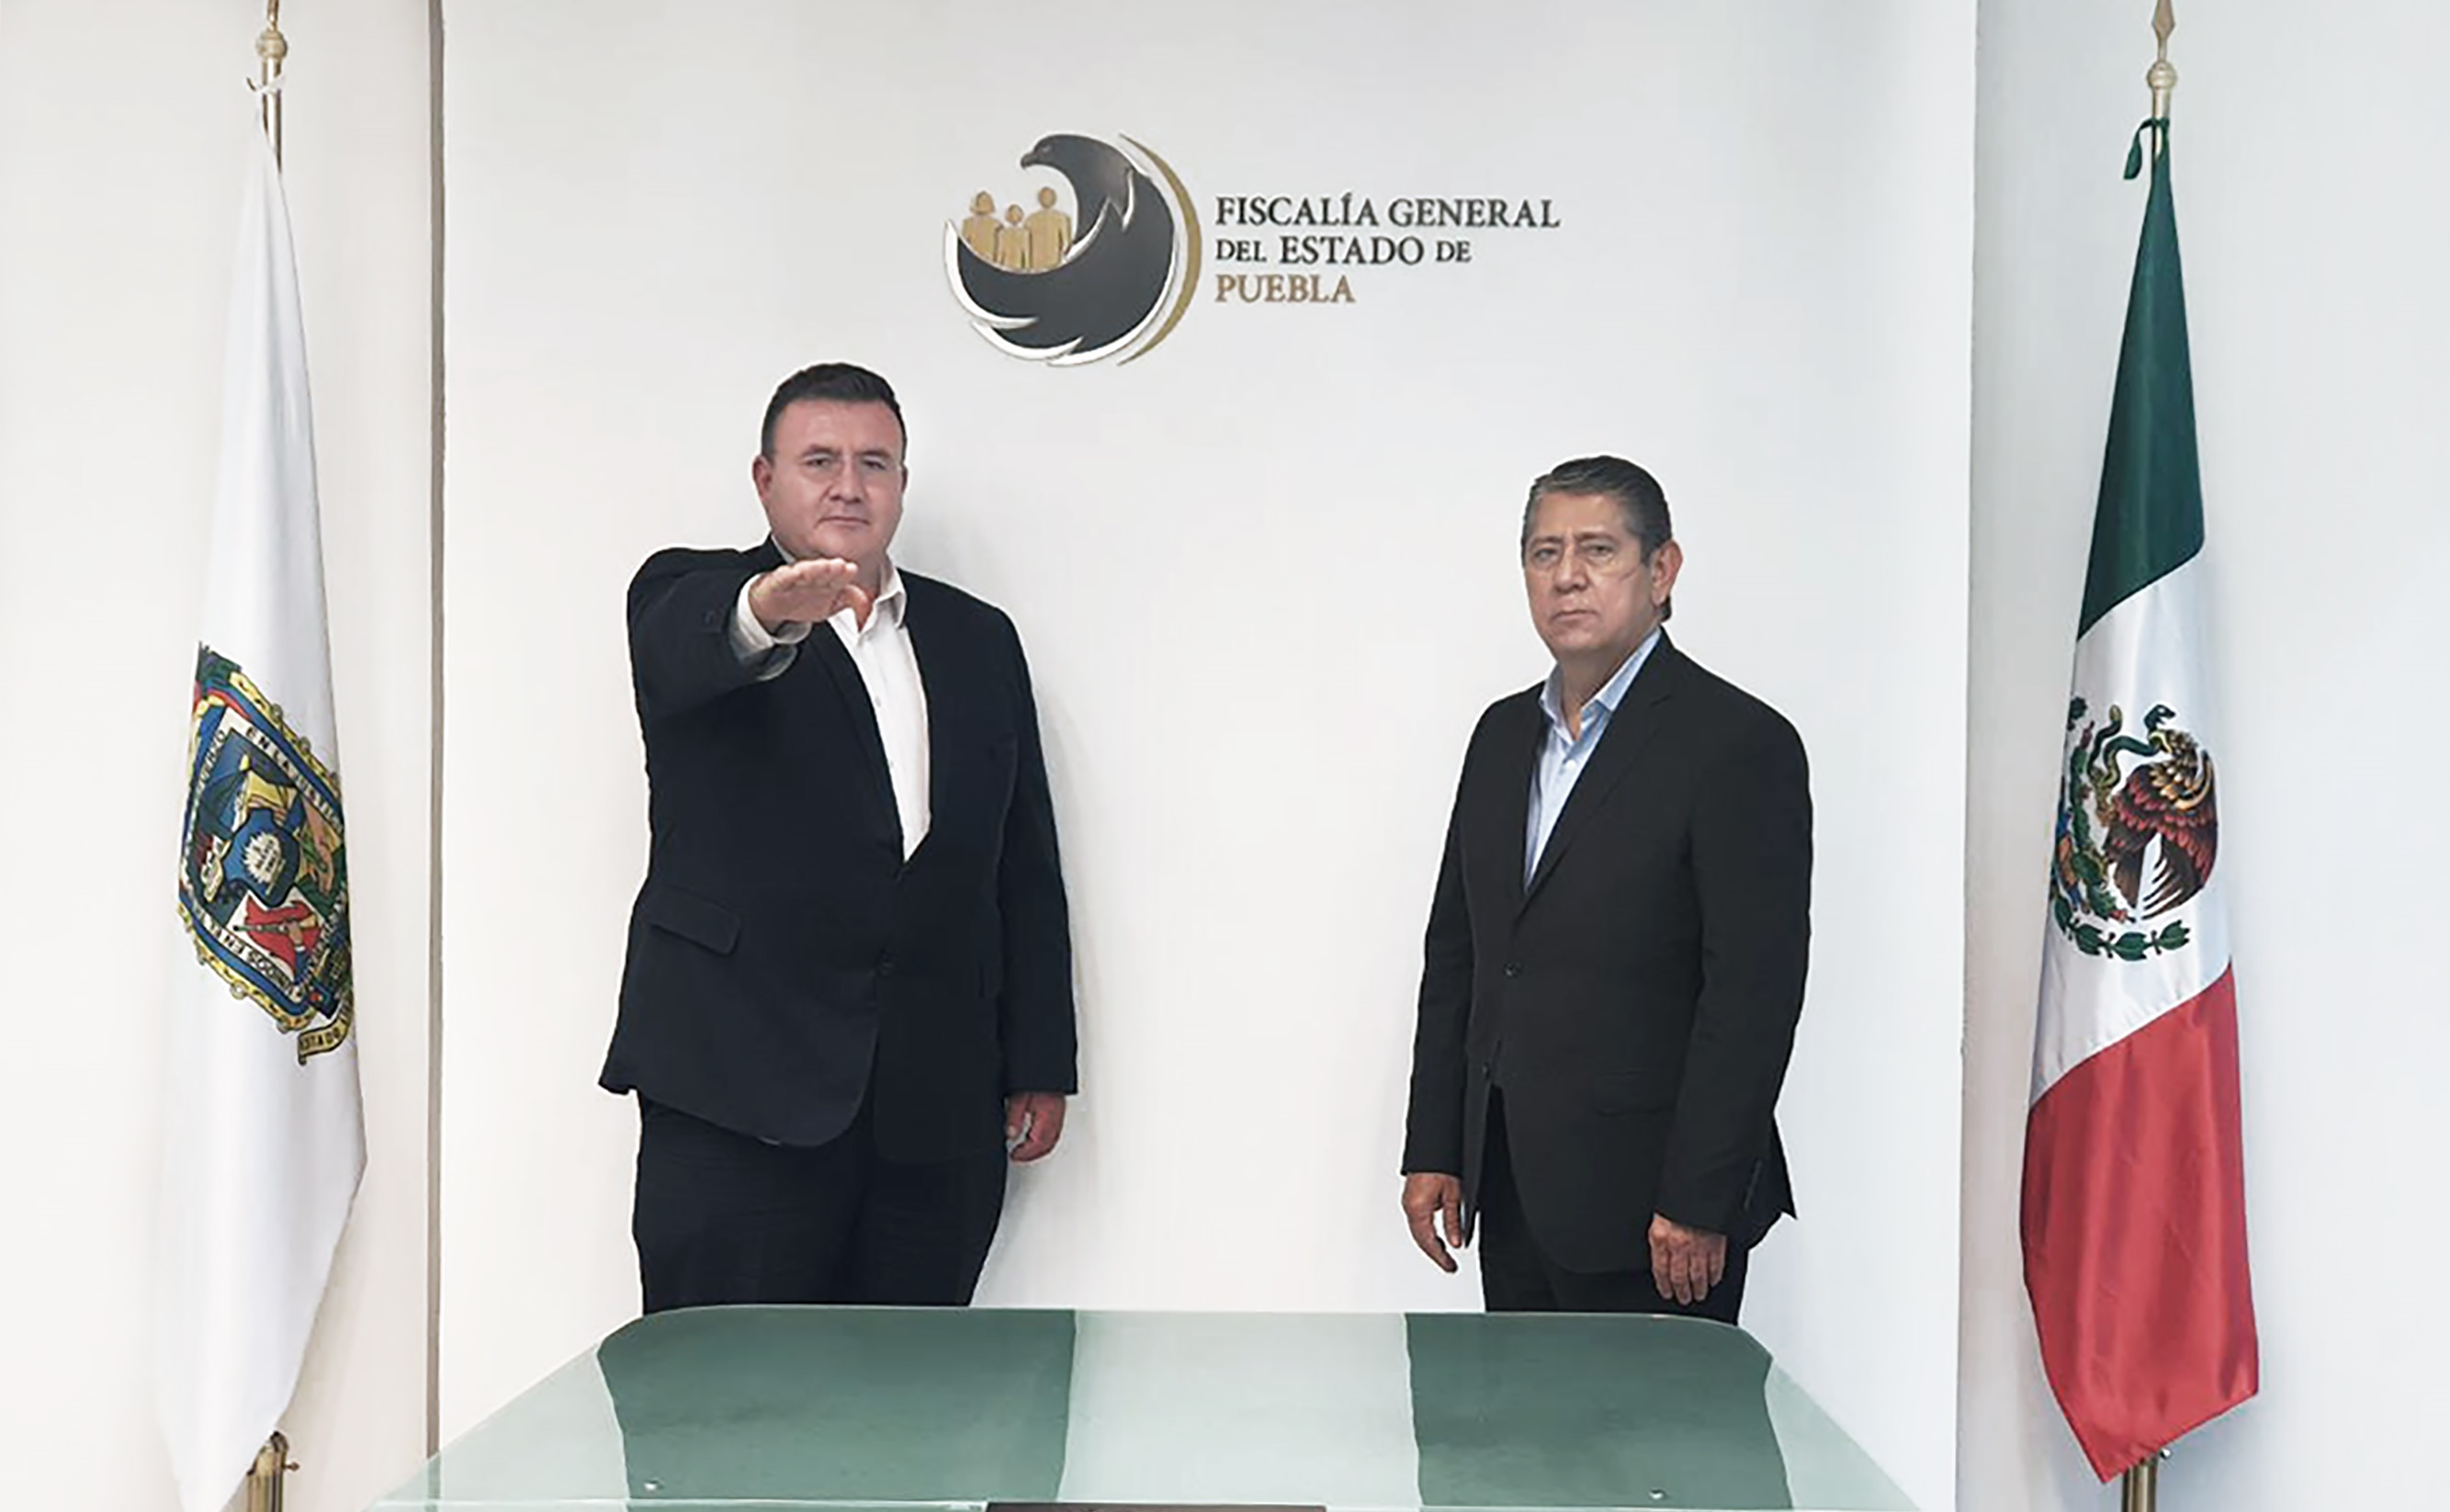 Designa Gilberto Higuera a fiscales especializados en Puebla